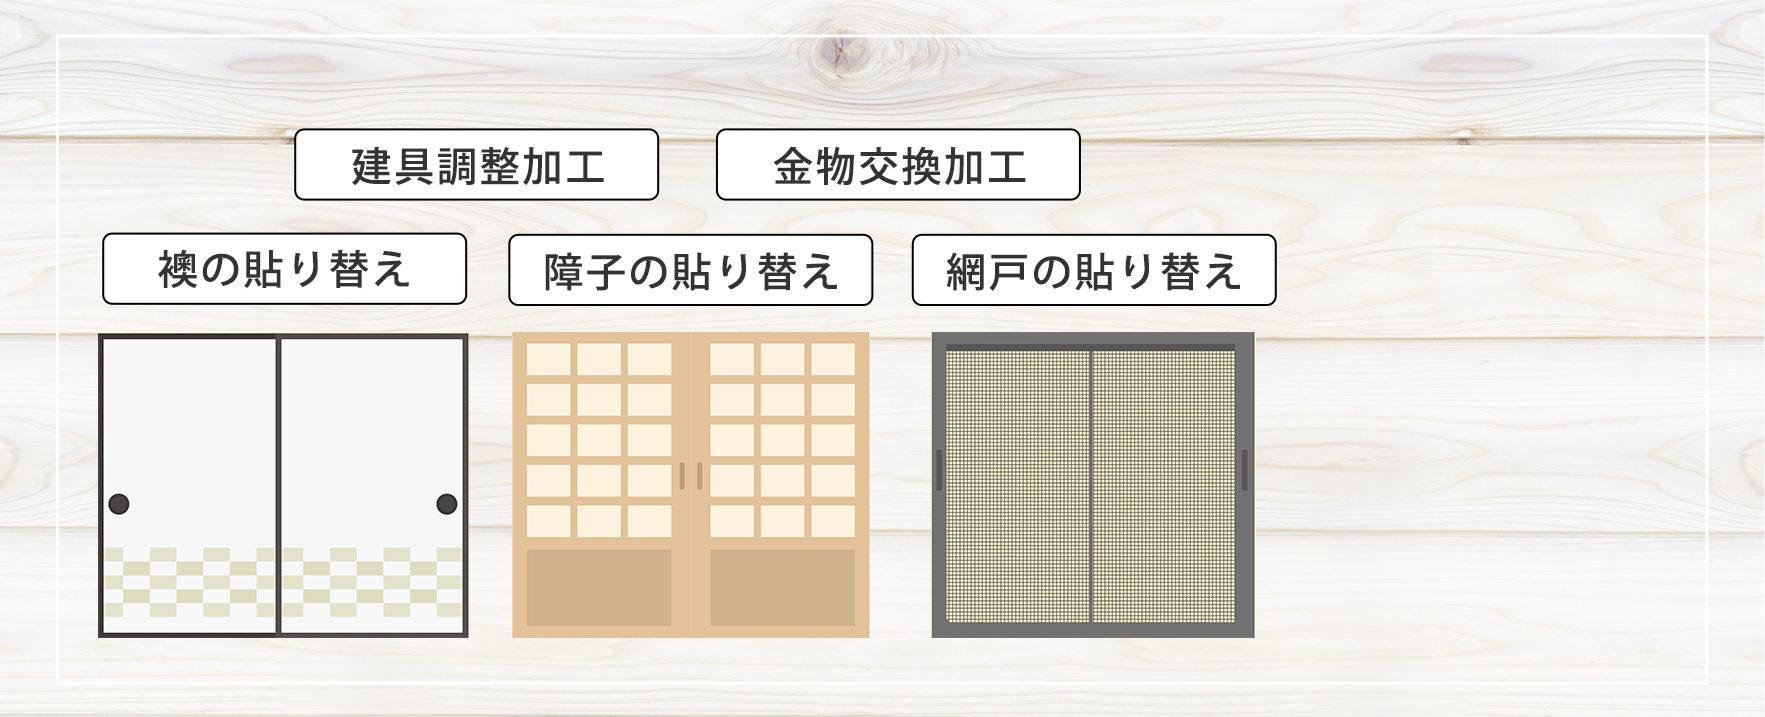 建具のことは、千葉県松戸市のベスト建具へ。 地元密着で60年以上の実績、社員全員でベストを尽くします。